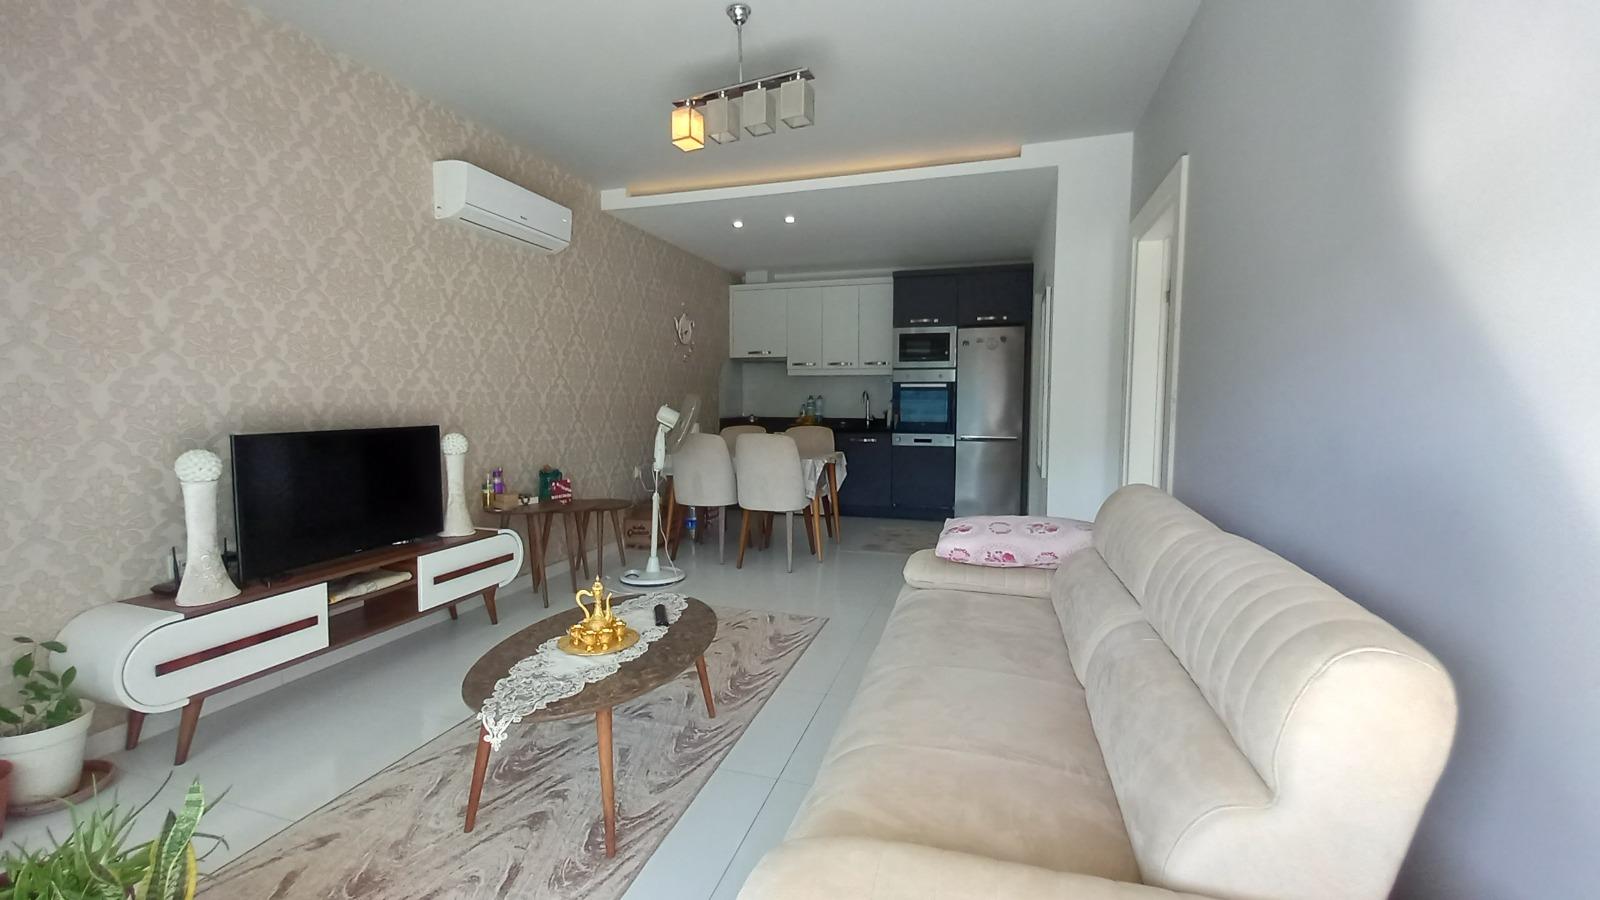 Двухкомнатная квартира в комплексе с шикарной инфраструктурой - Фото 32